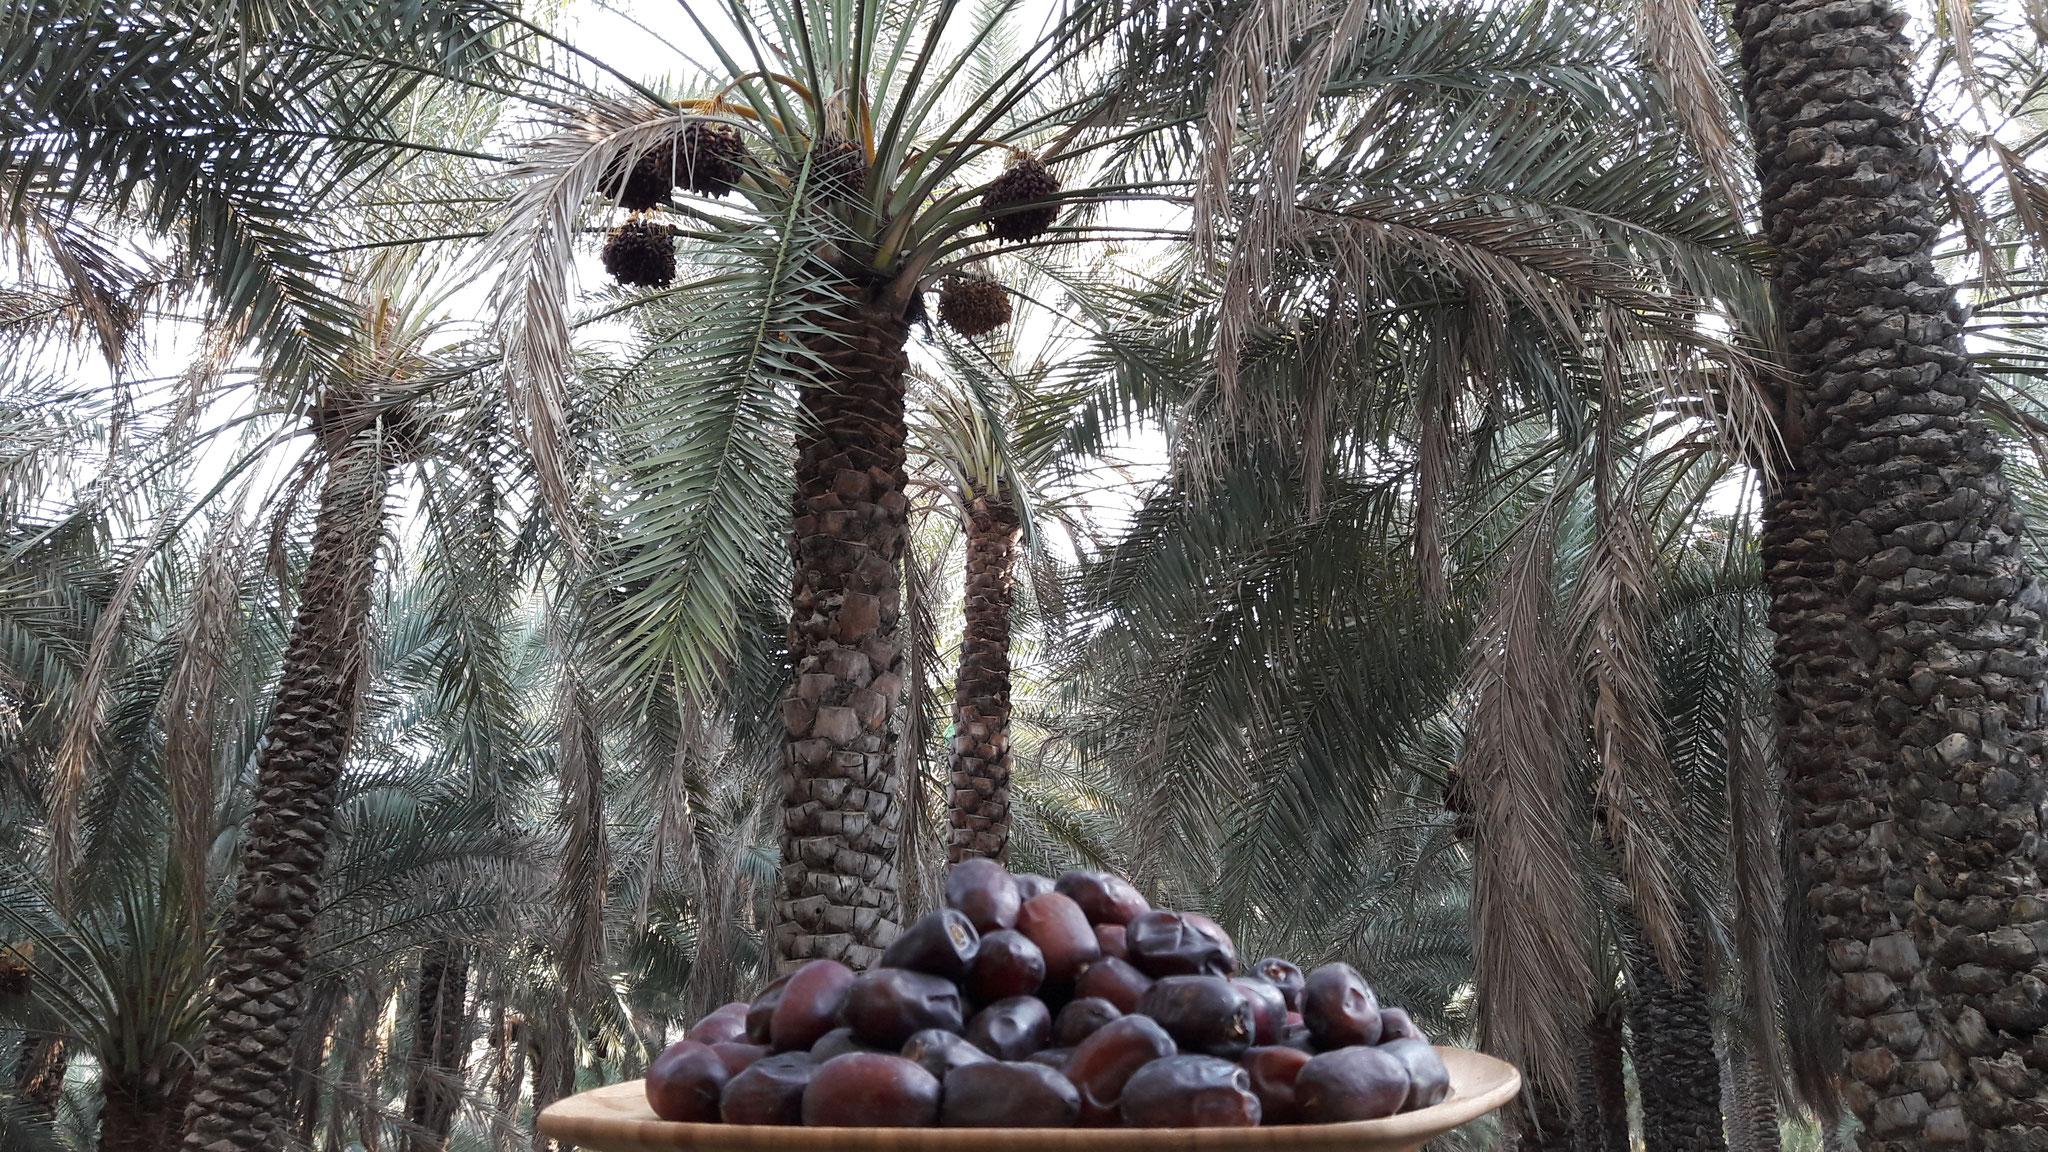 mazafati dates in bam iran